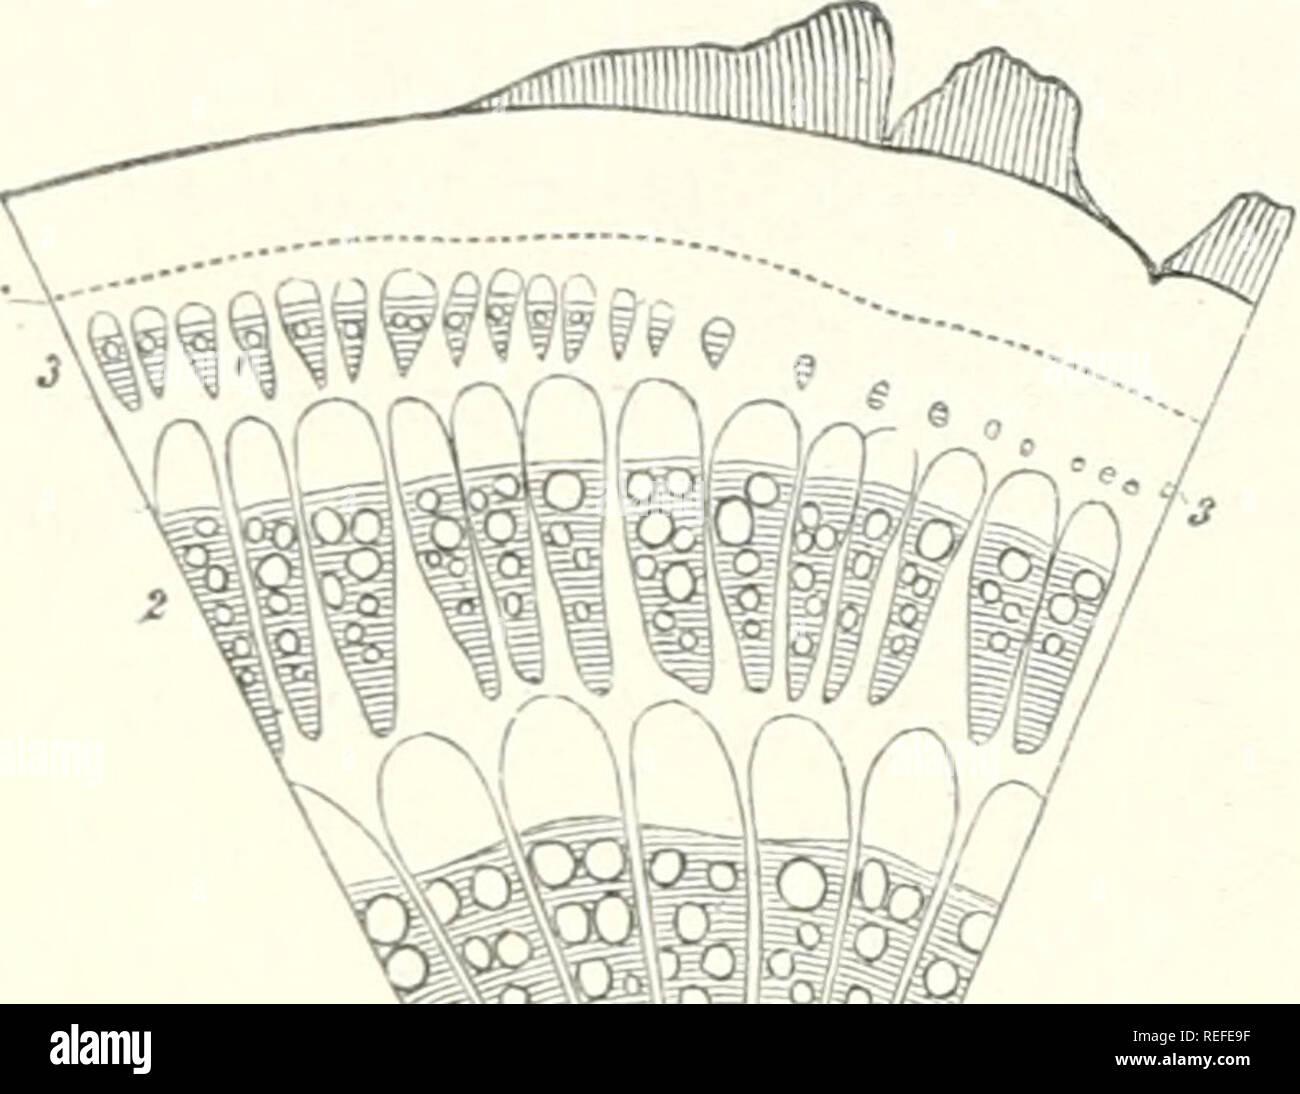 56b736500 . Anatomía Comparada de los órganos vegetativos de las fanerógamas y  helechos. Anatomía vegetal  fanerógamas  helechos.